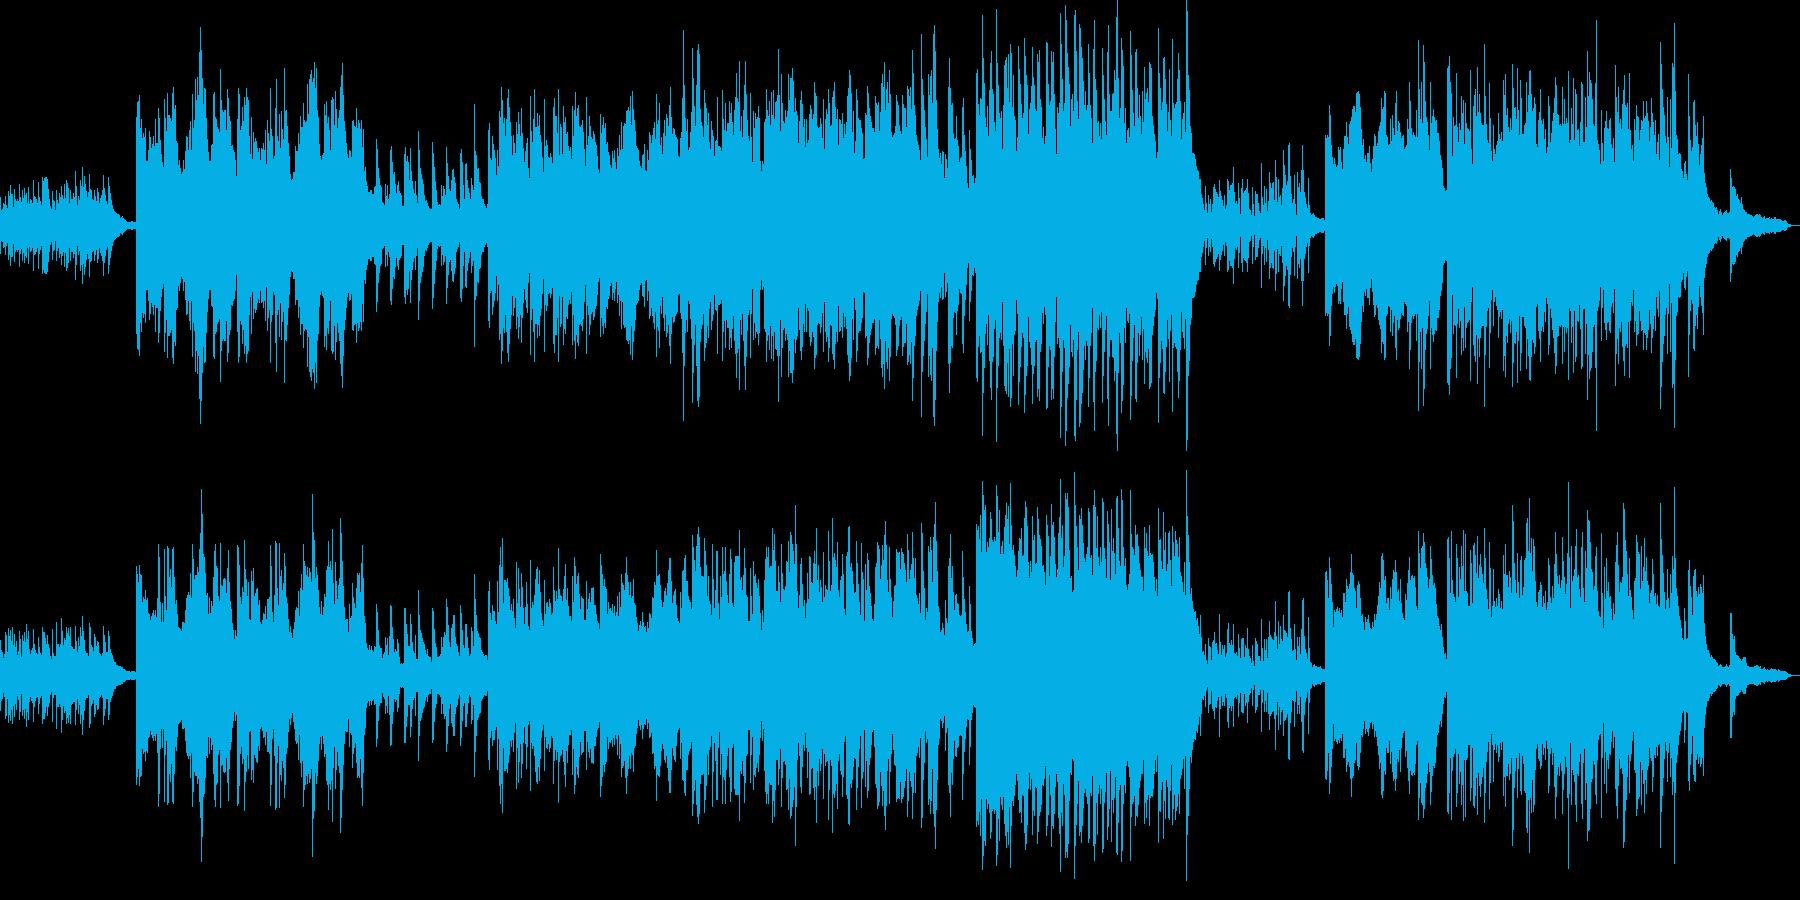 感傷的なピアノソロの再生済みの波形